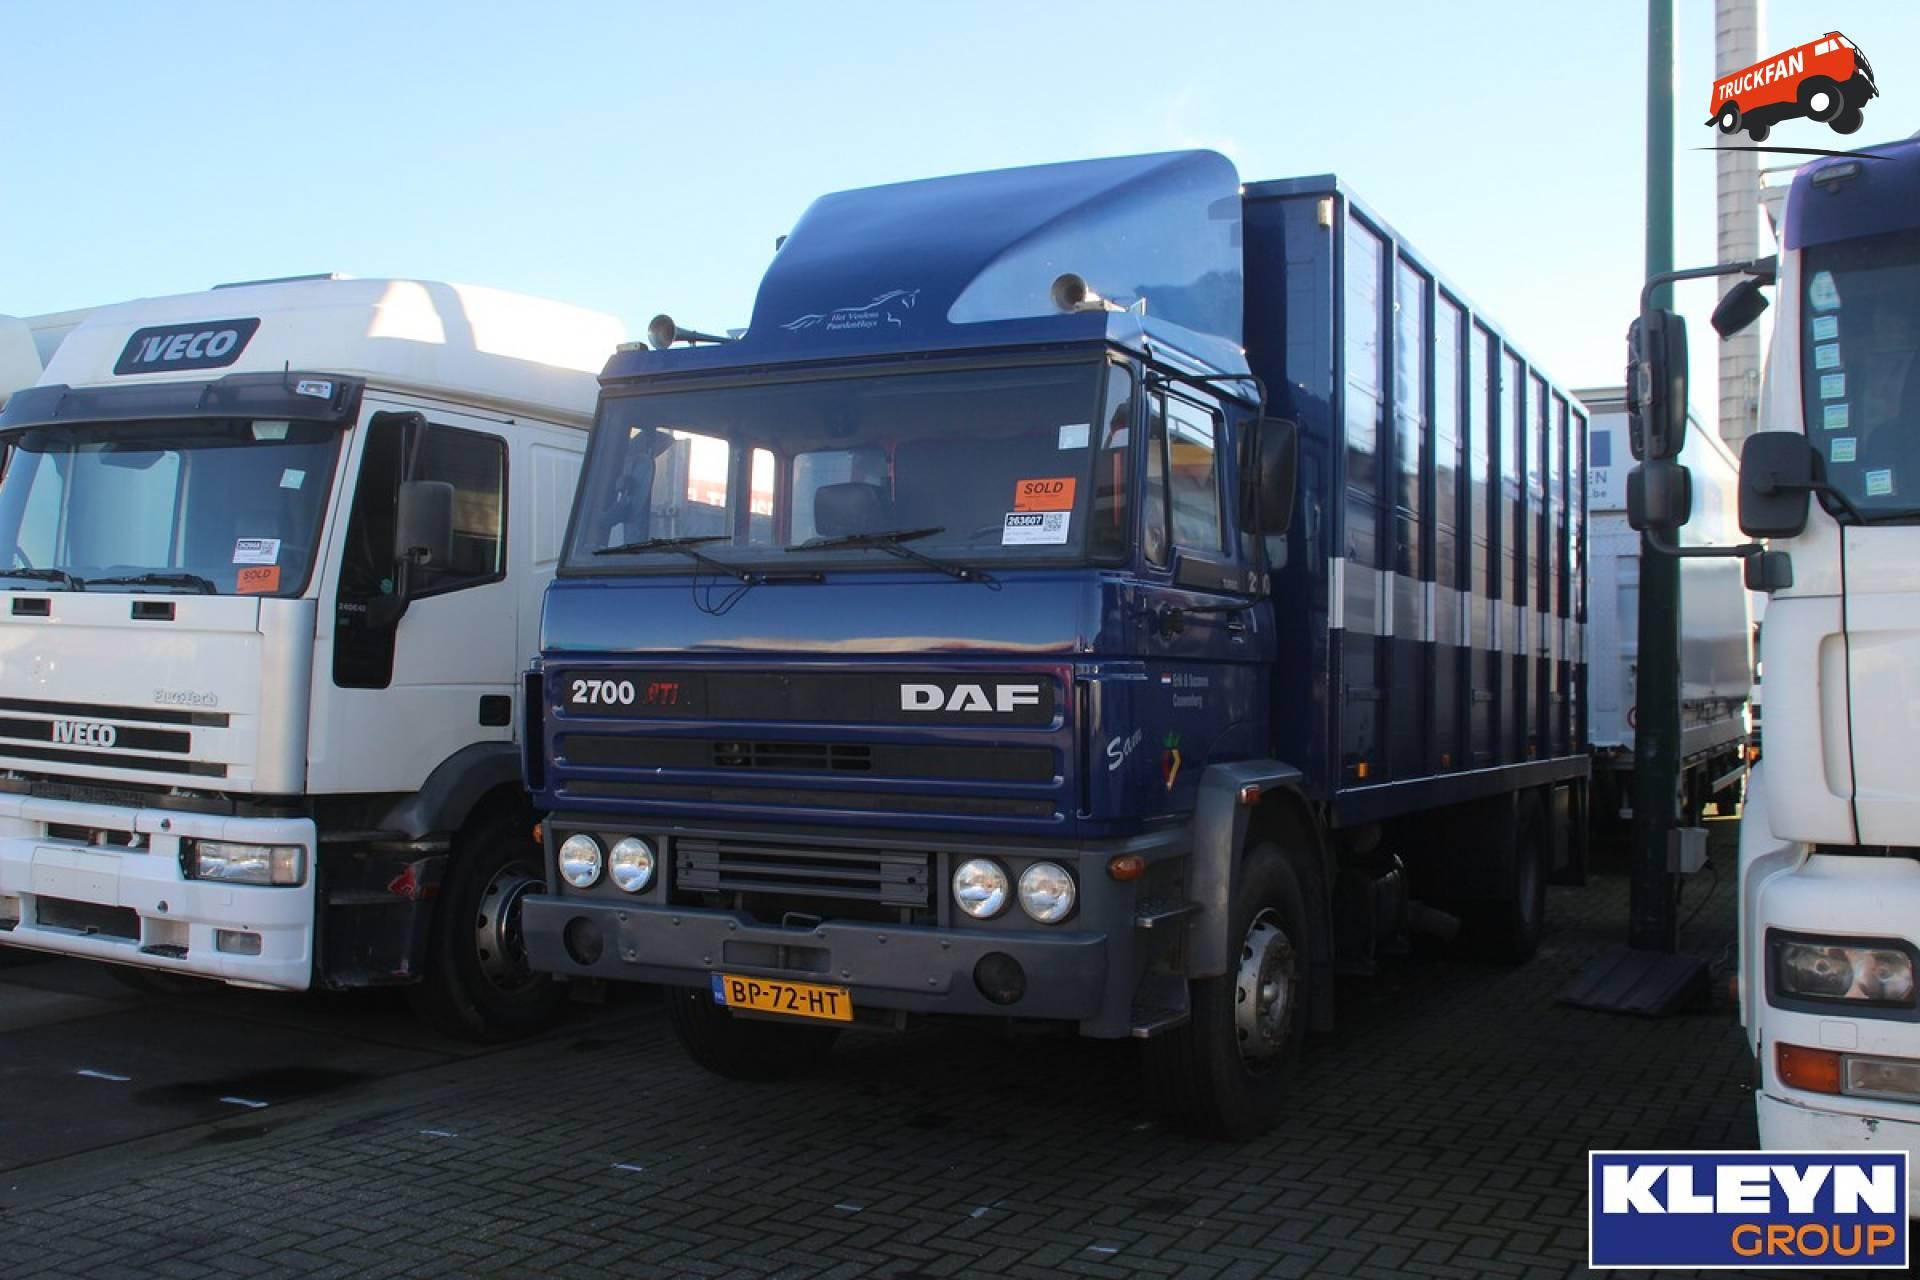 DAF 2700